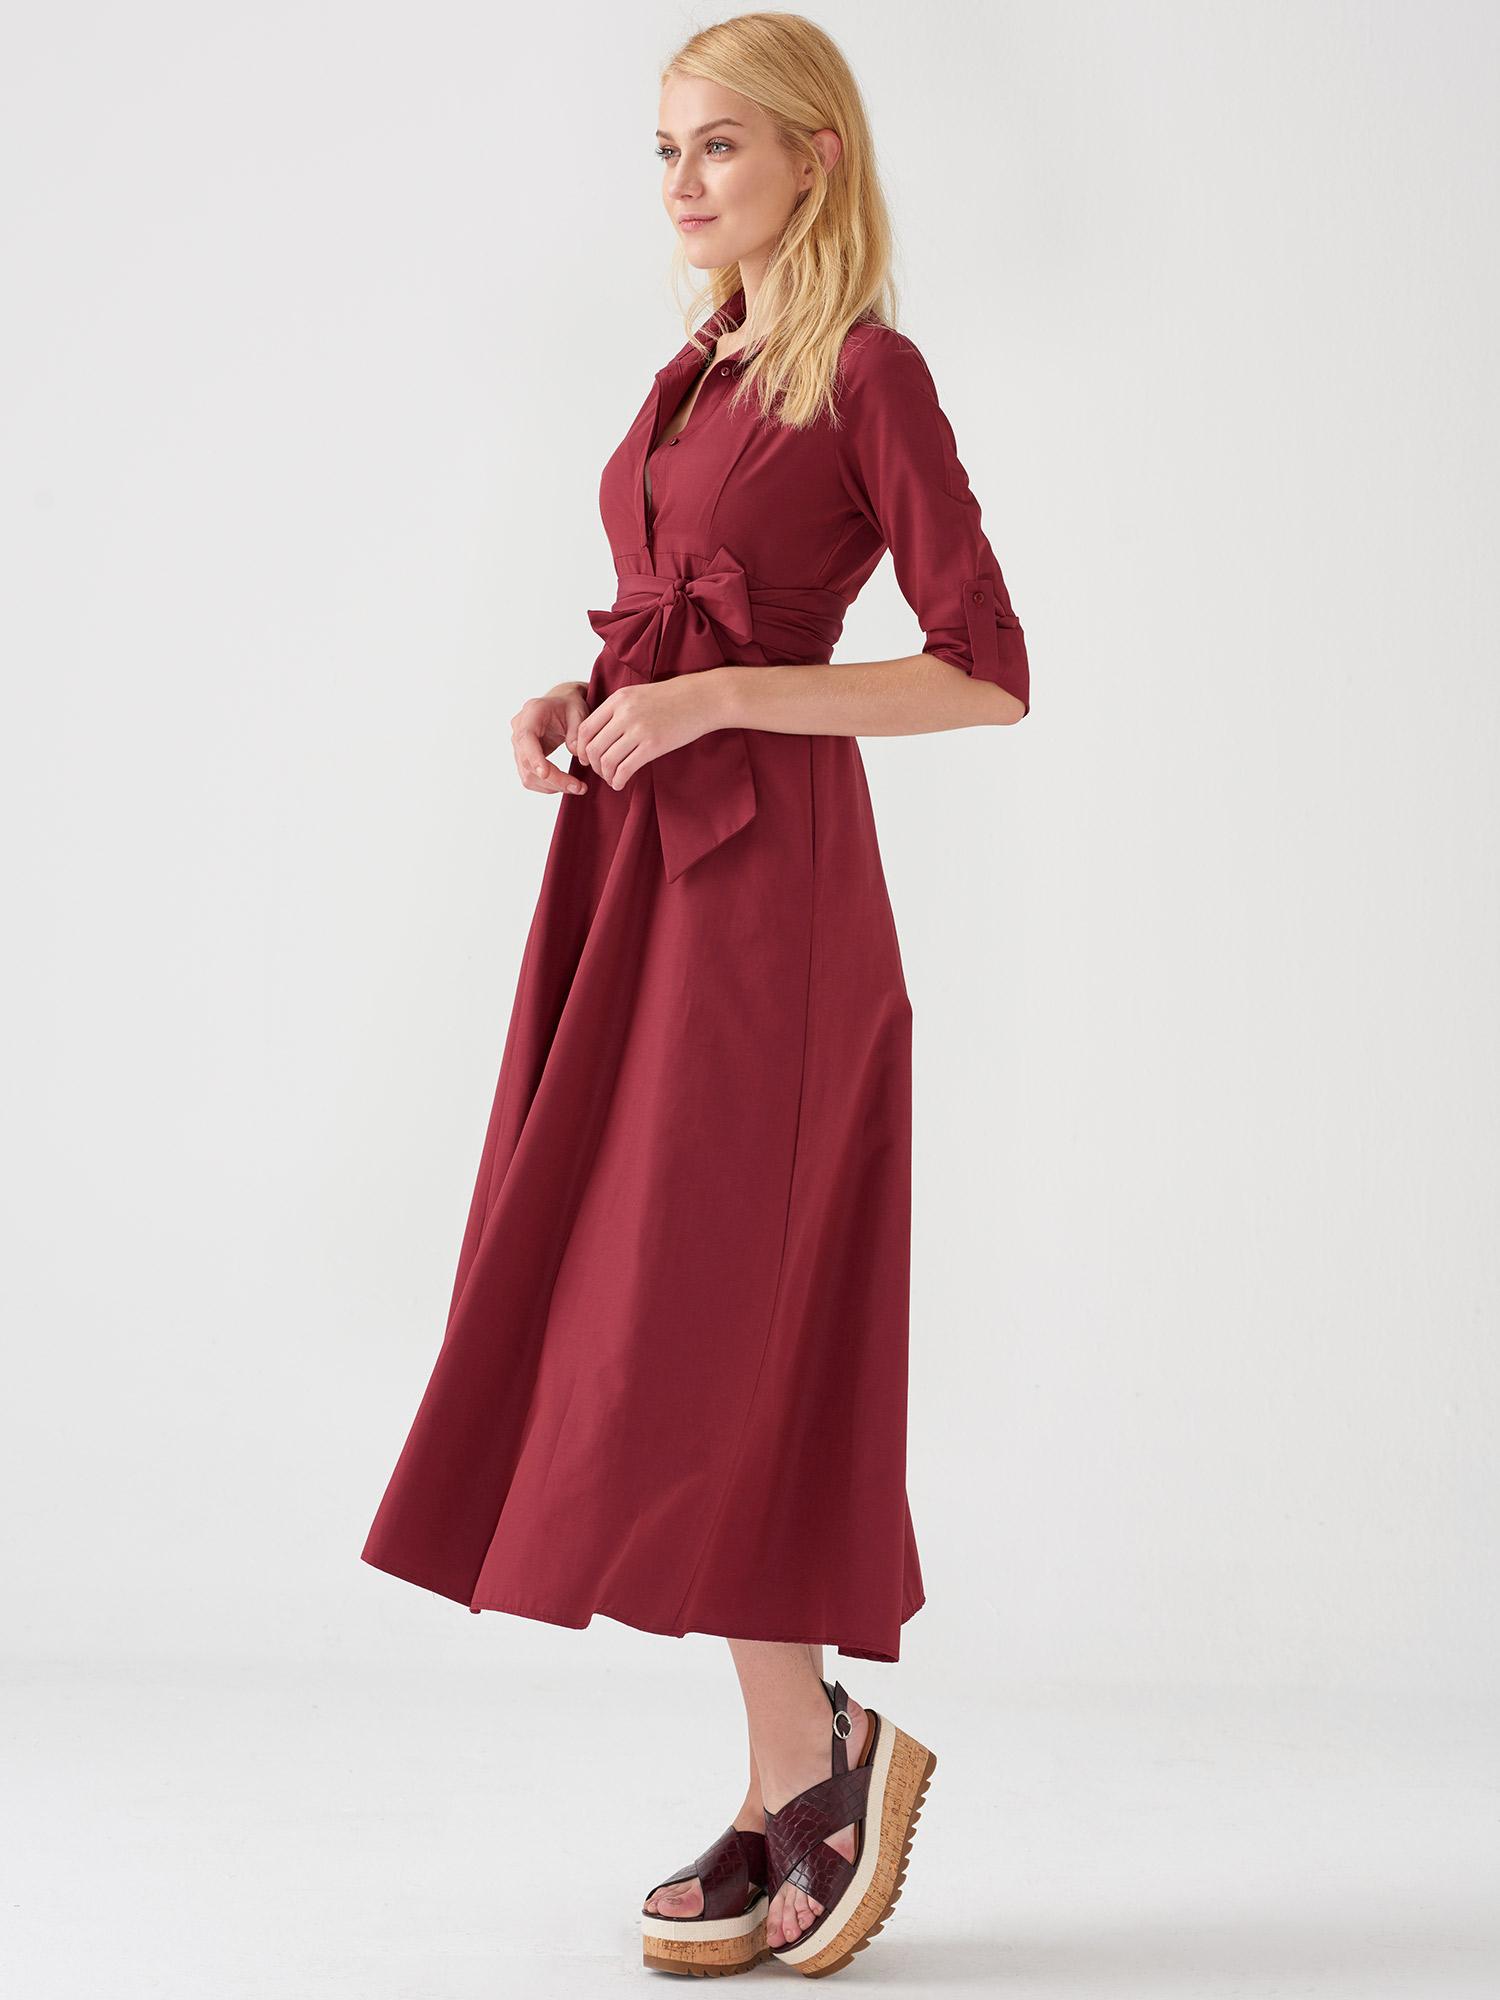 b317c0c0d816a 9690 Uzun Düğmeli Gömlek Elbise-Bordro | ELBİSE | DILVIN